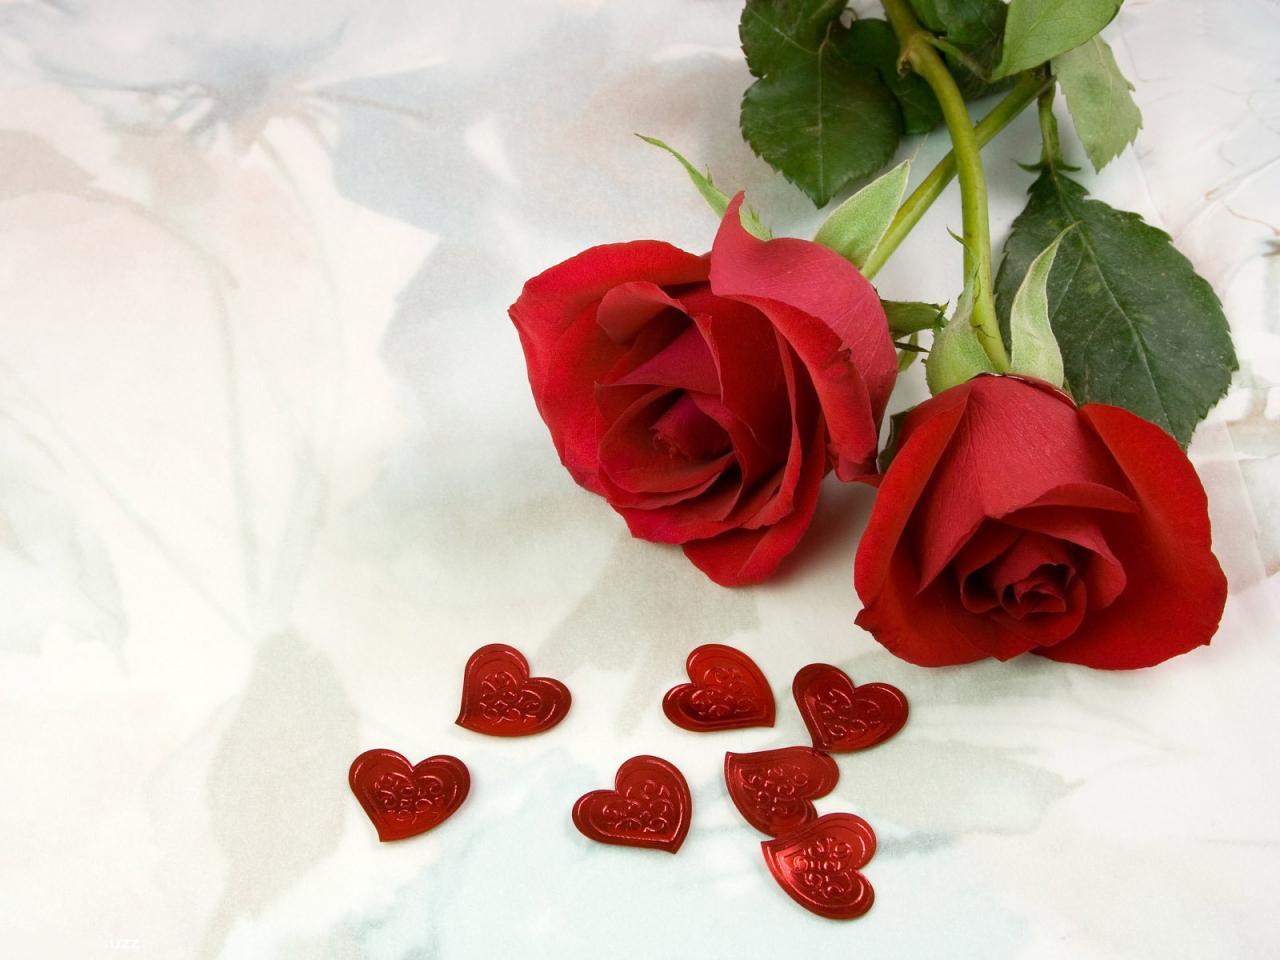 ورد جوري احمر رومانسي ارق وردة و اجمل عطر عجيب وغريب